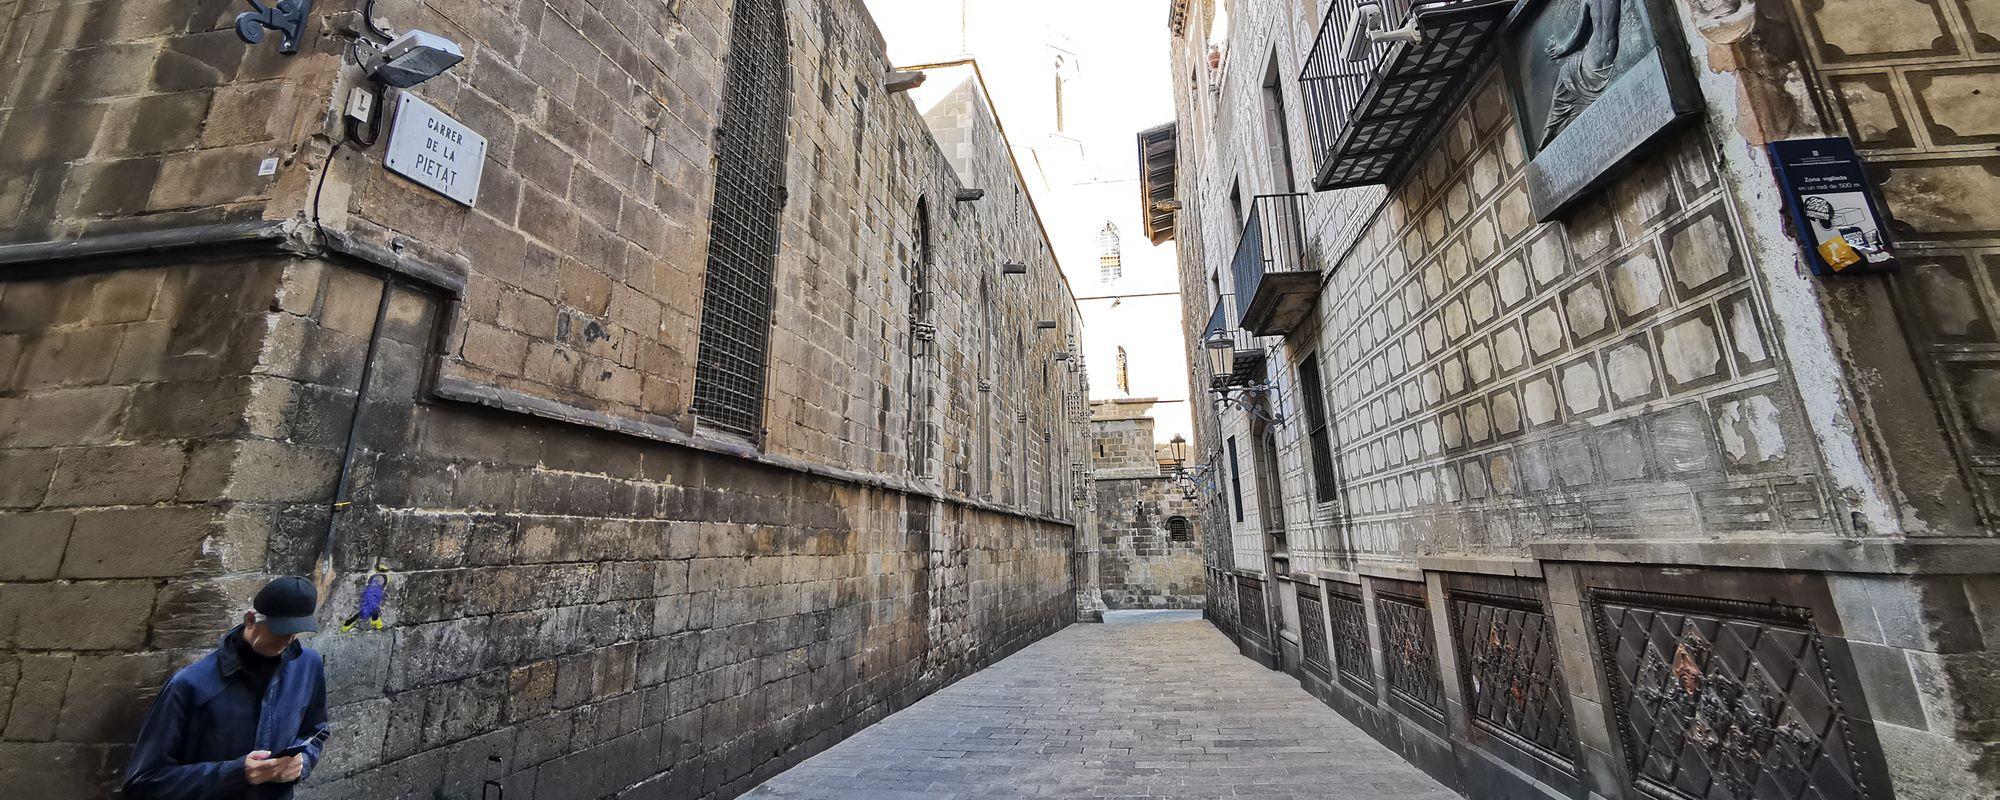 Stradă din Barri Gòtic, în Barcelona. Și un artist stradal. Să-i zicem Pablo.